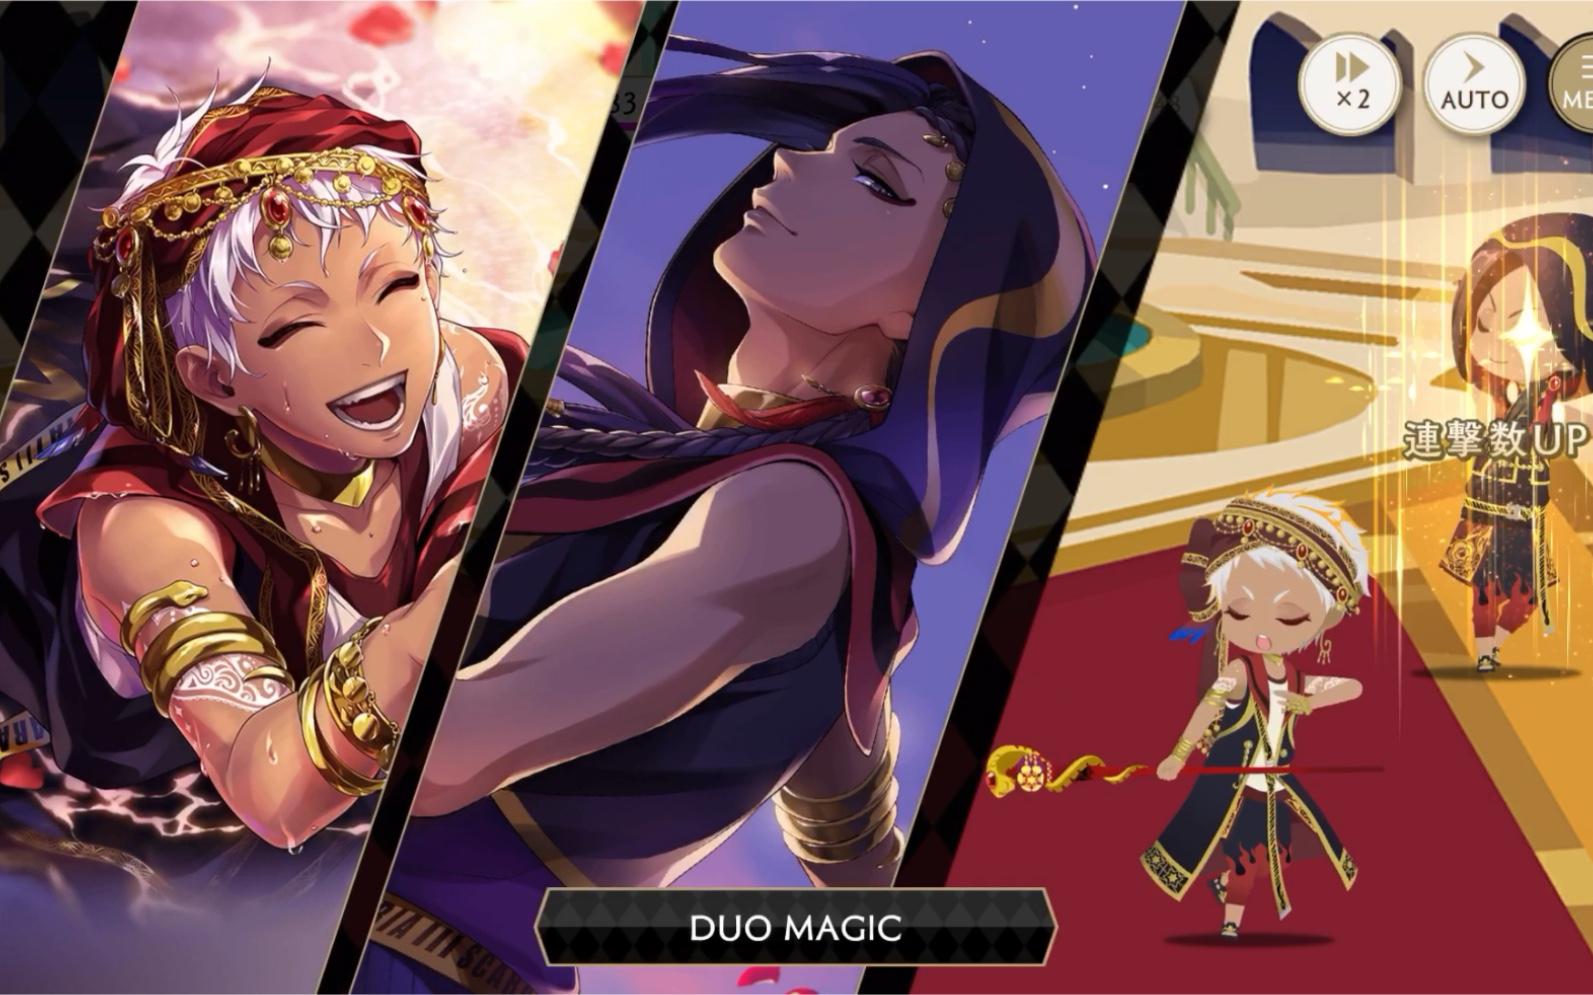 魔法 duo